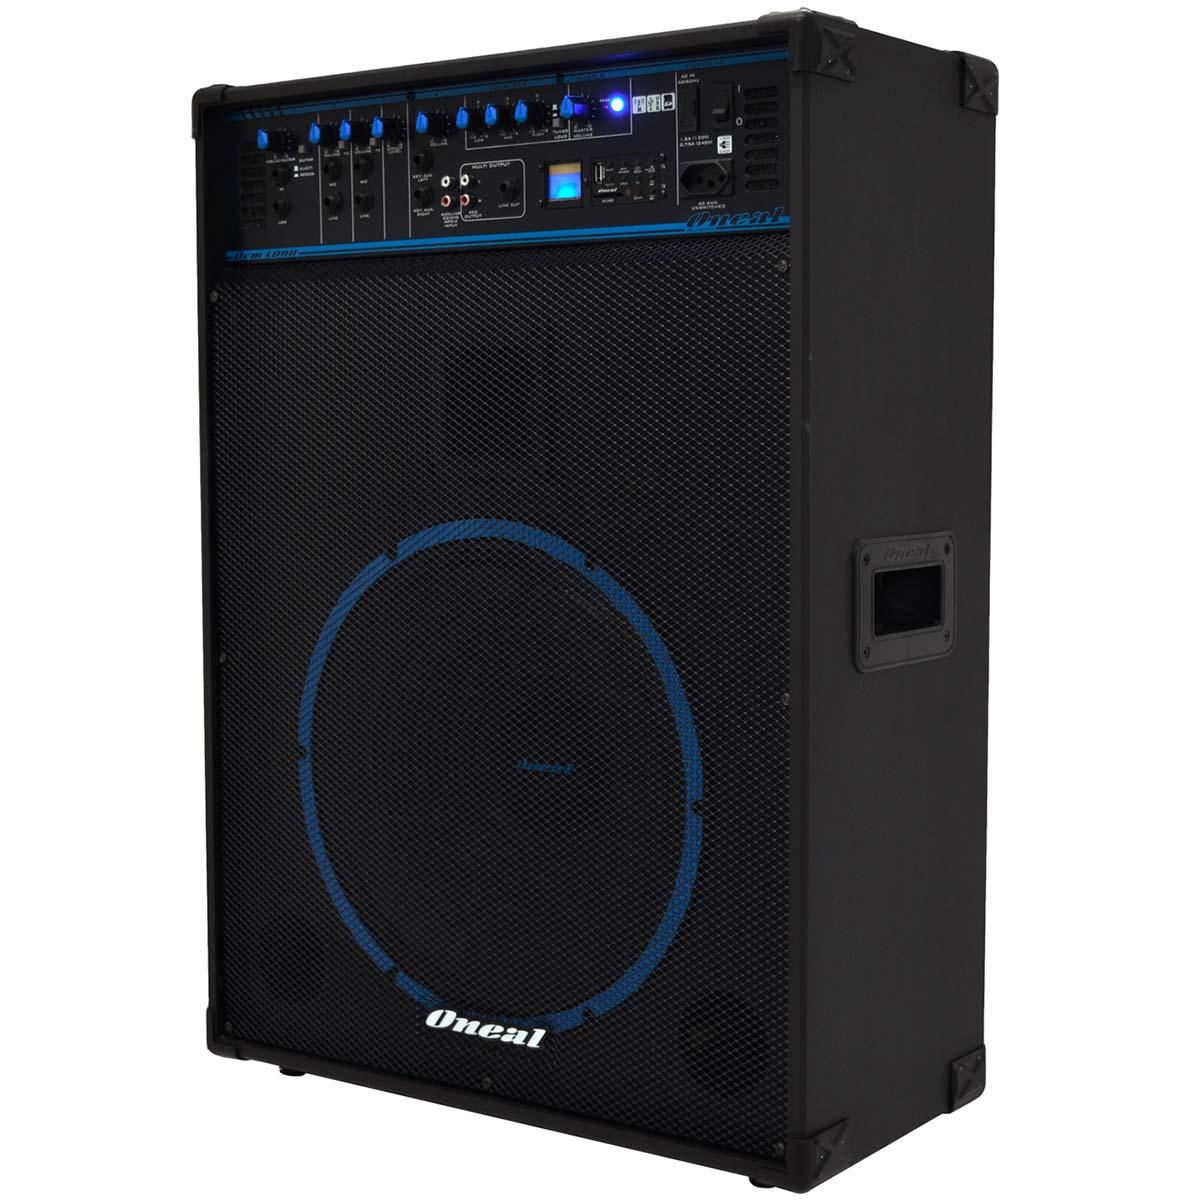 OCM1090 - Cubo Multiuso Ativo 150W c/ USB OCM 1090 - Oneal